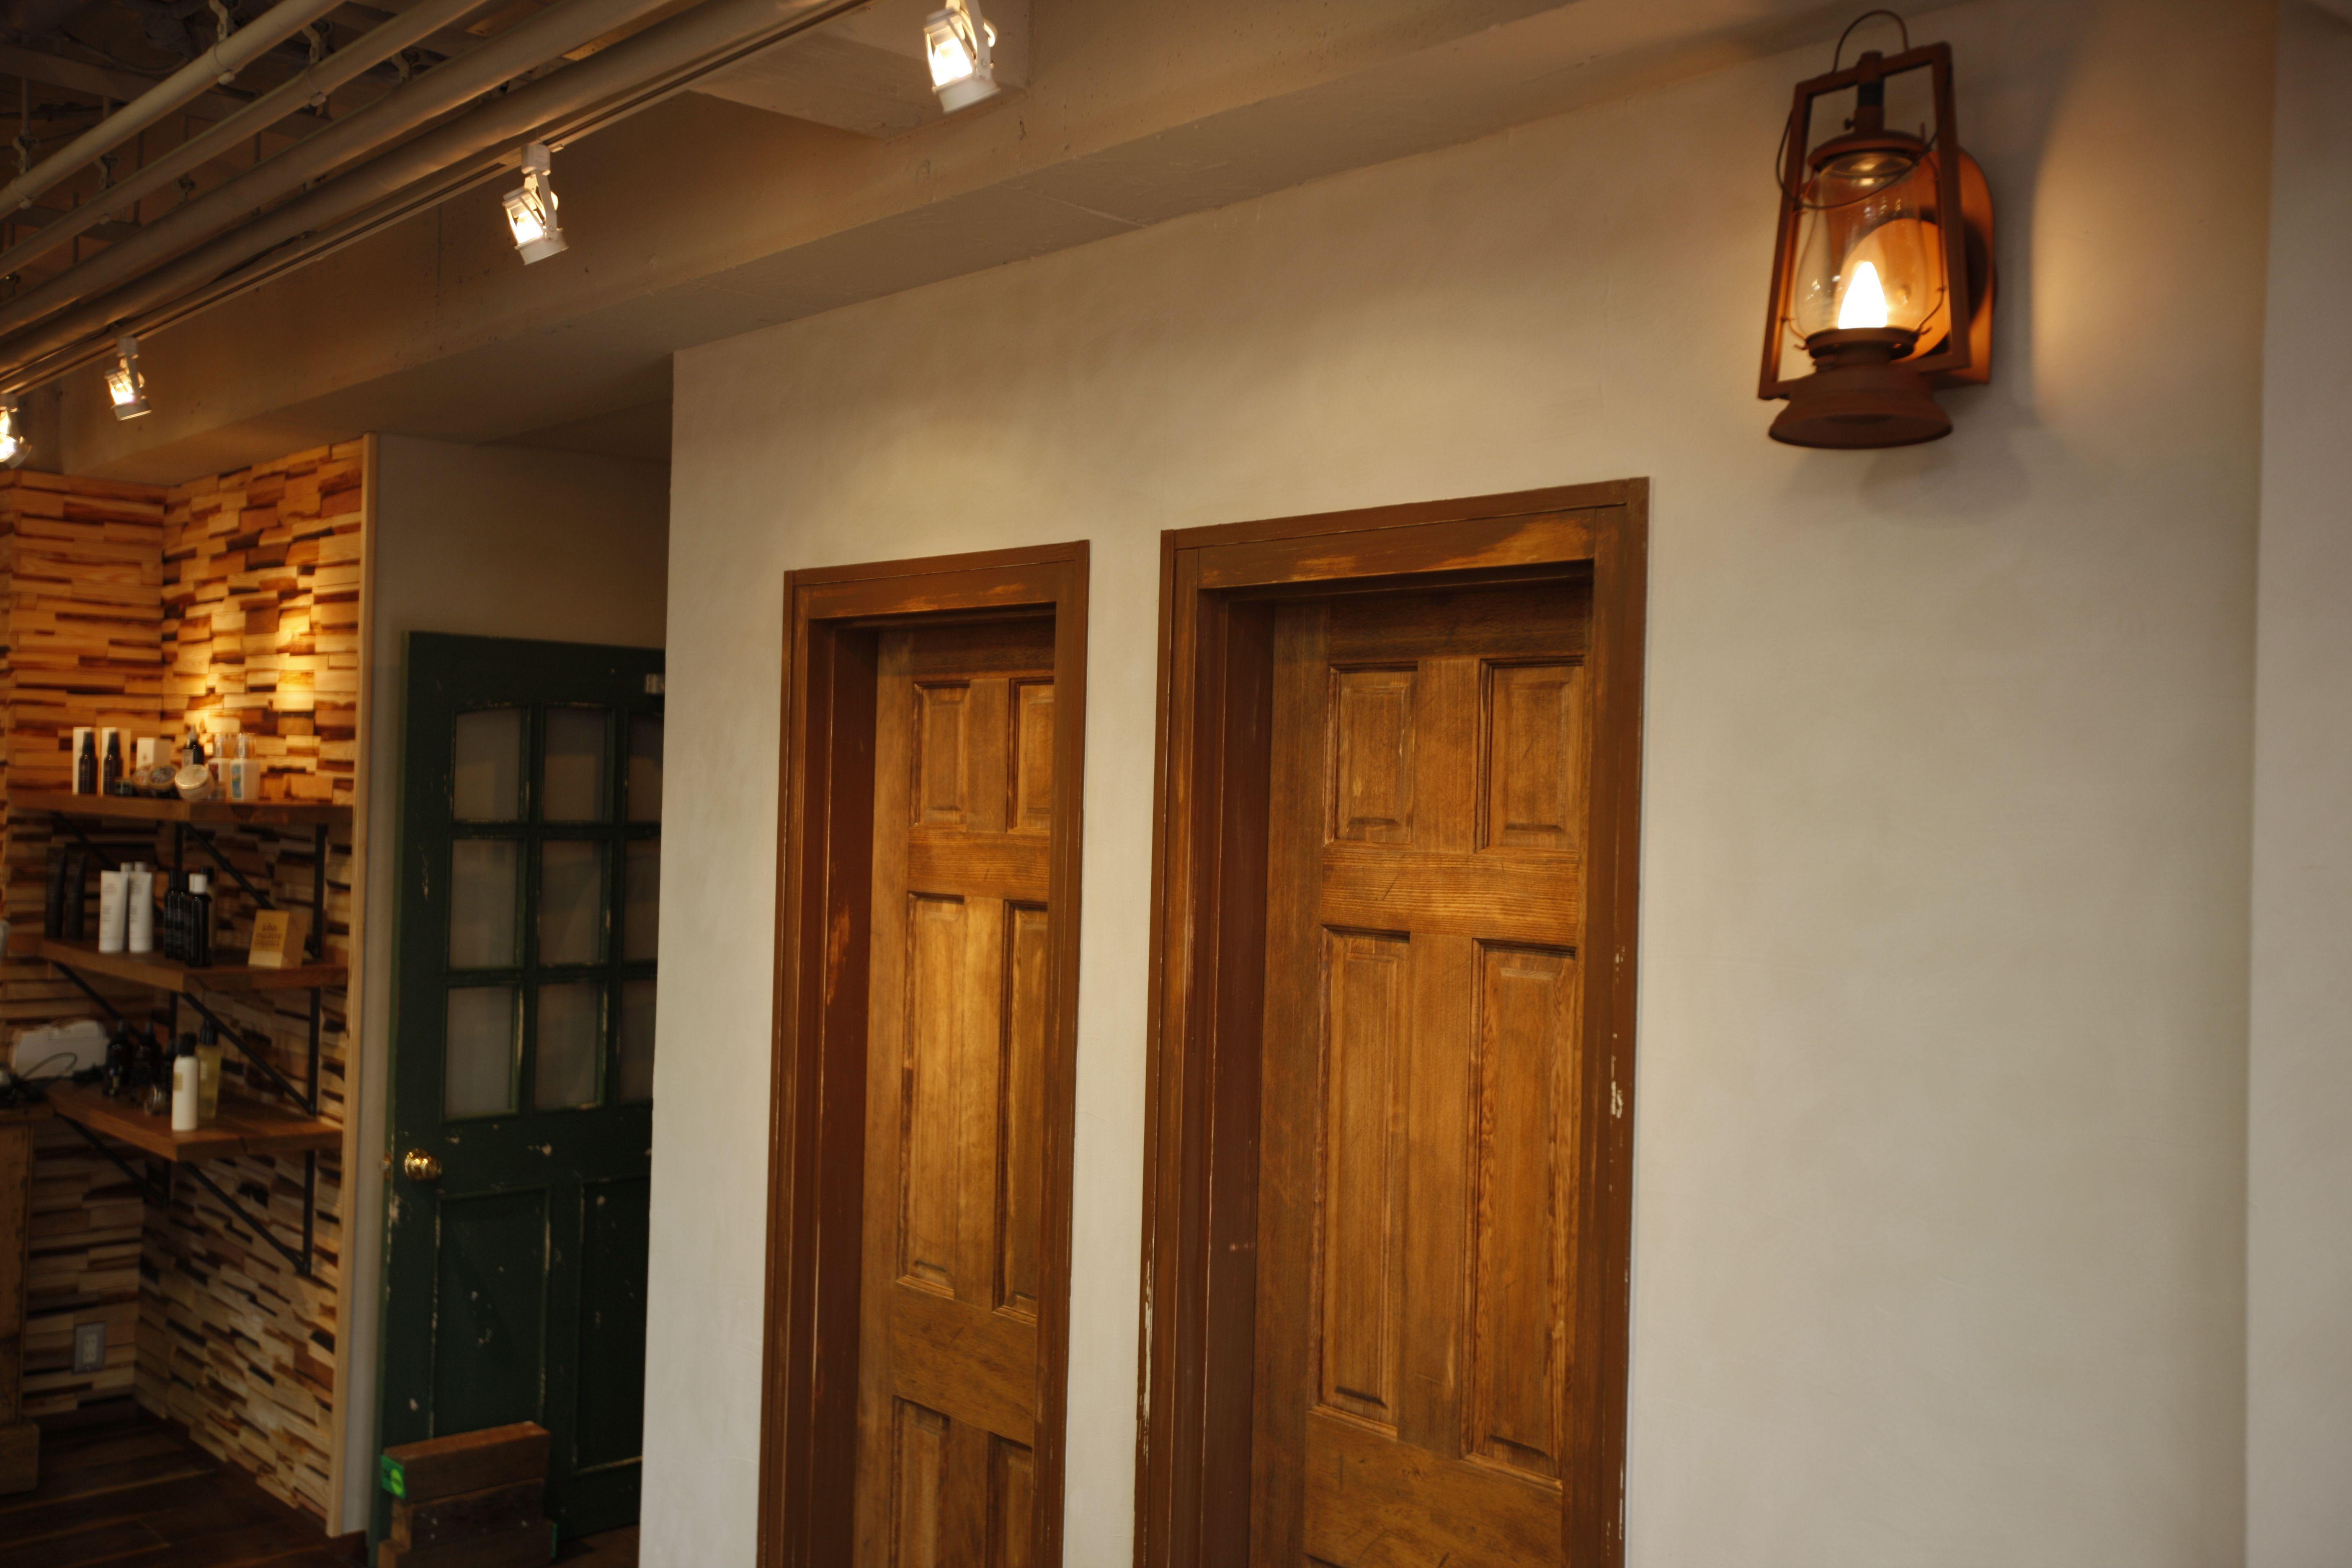 【AUQWA アクセサリー】什器家具など全て古木風素材の物で構成。